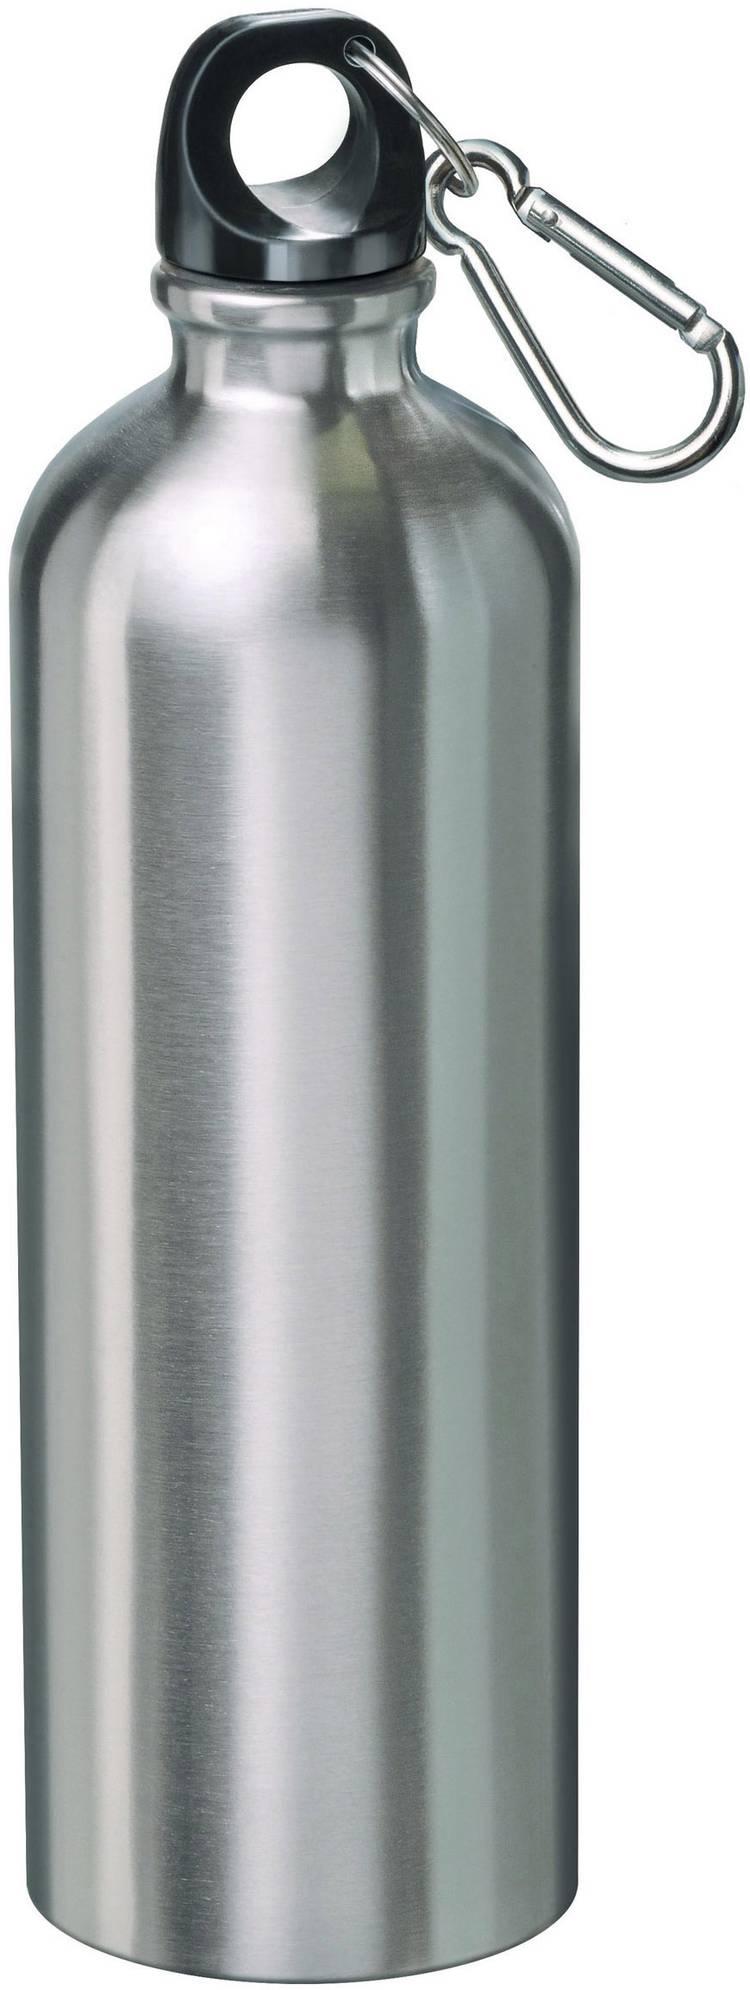 Image of MATO sportfles met karabijnhaak roestvrij staal 750 ml